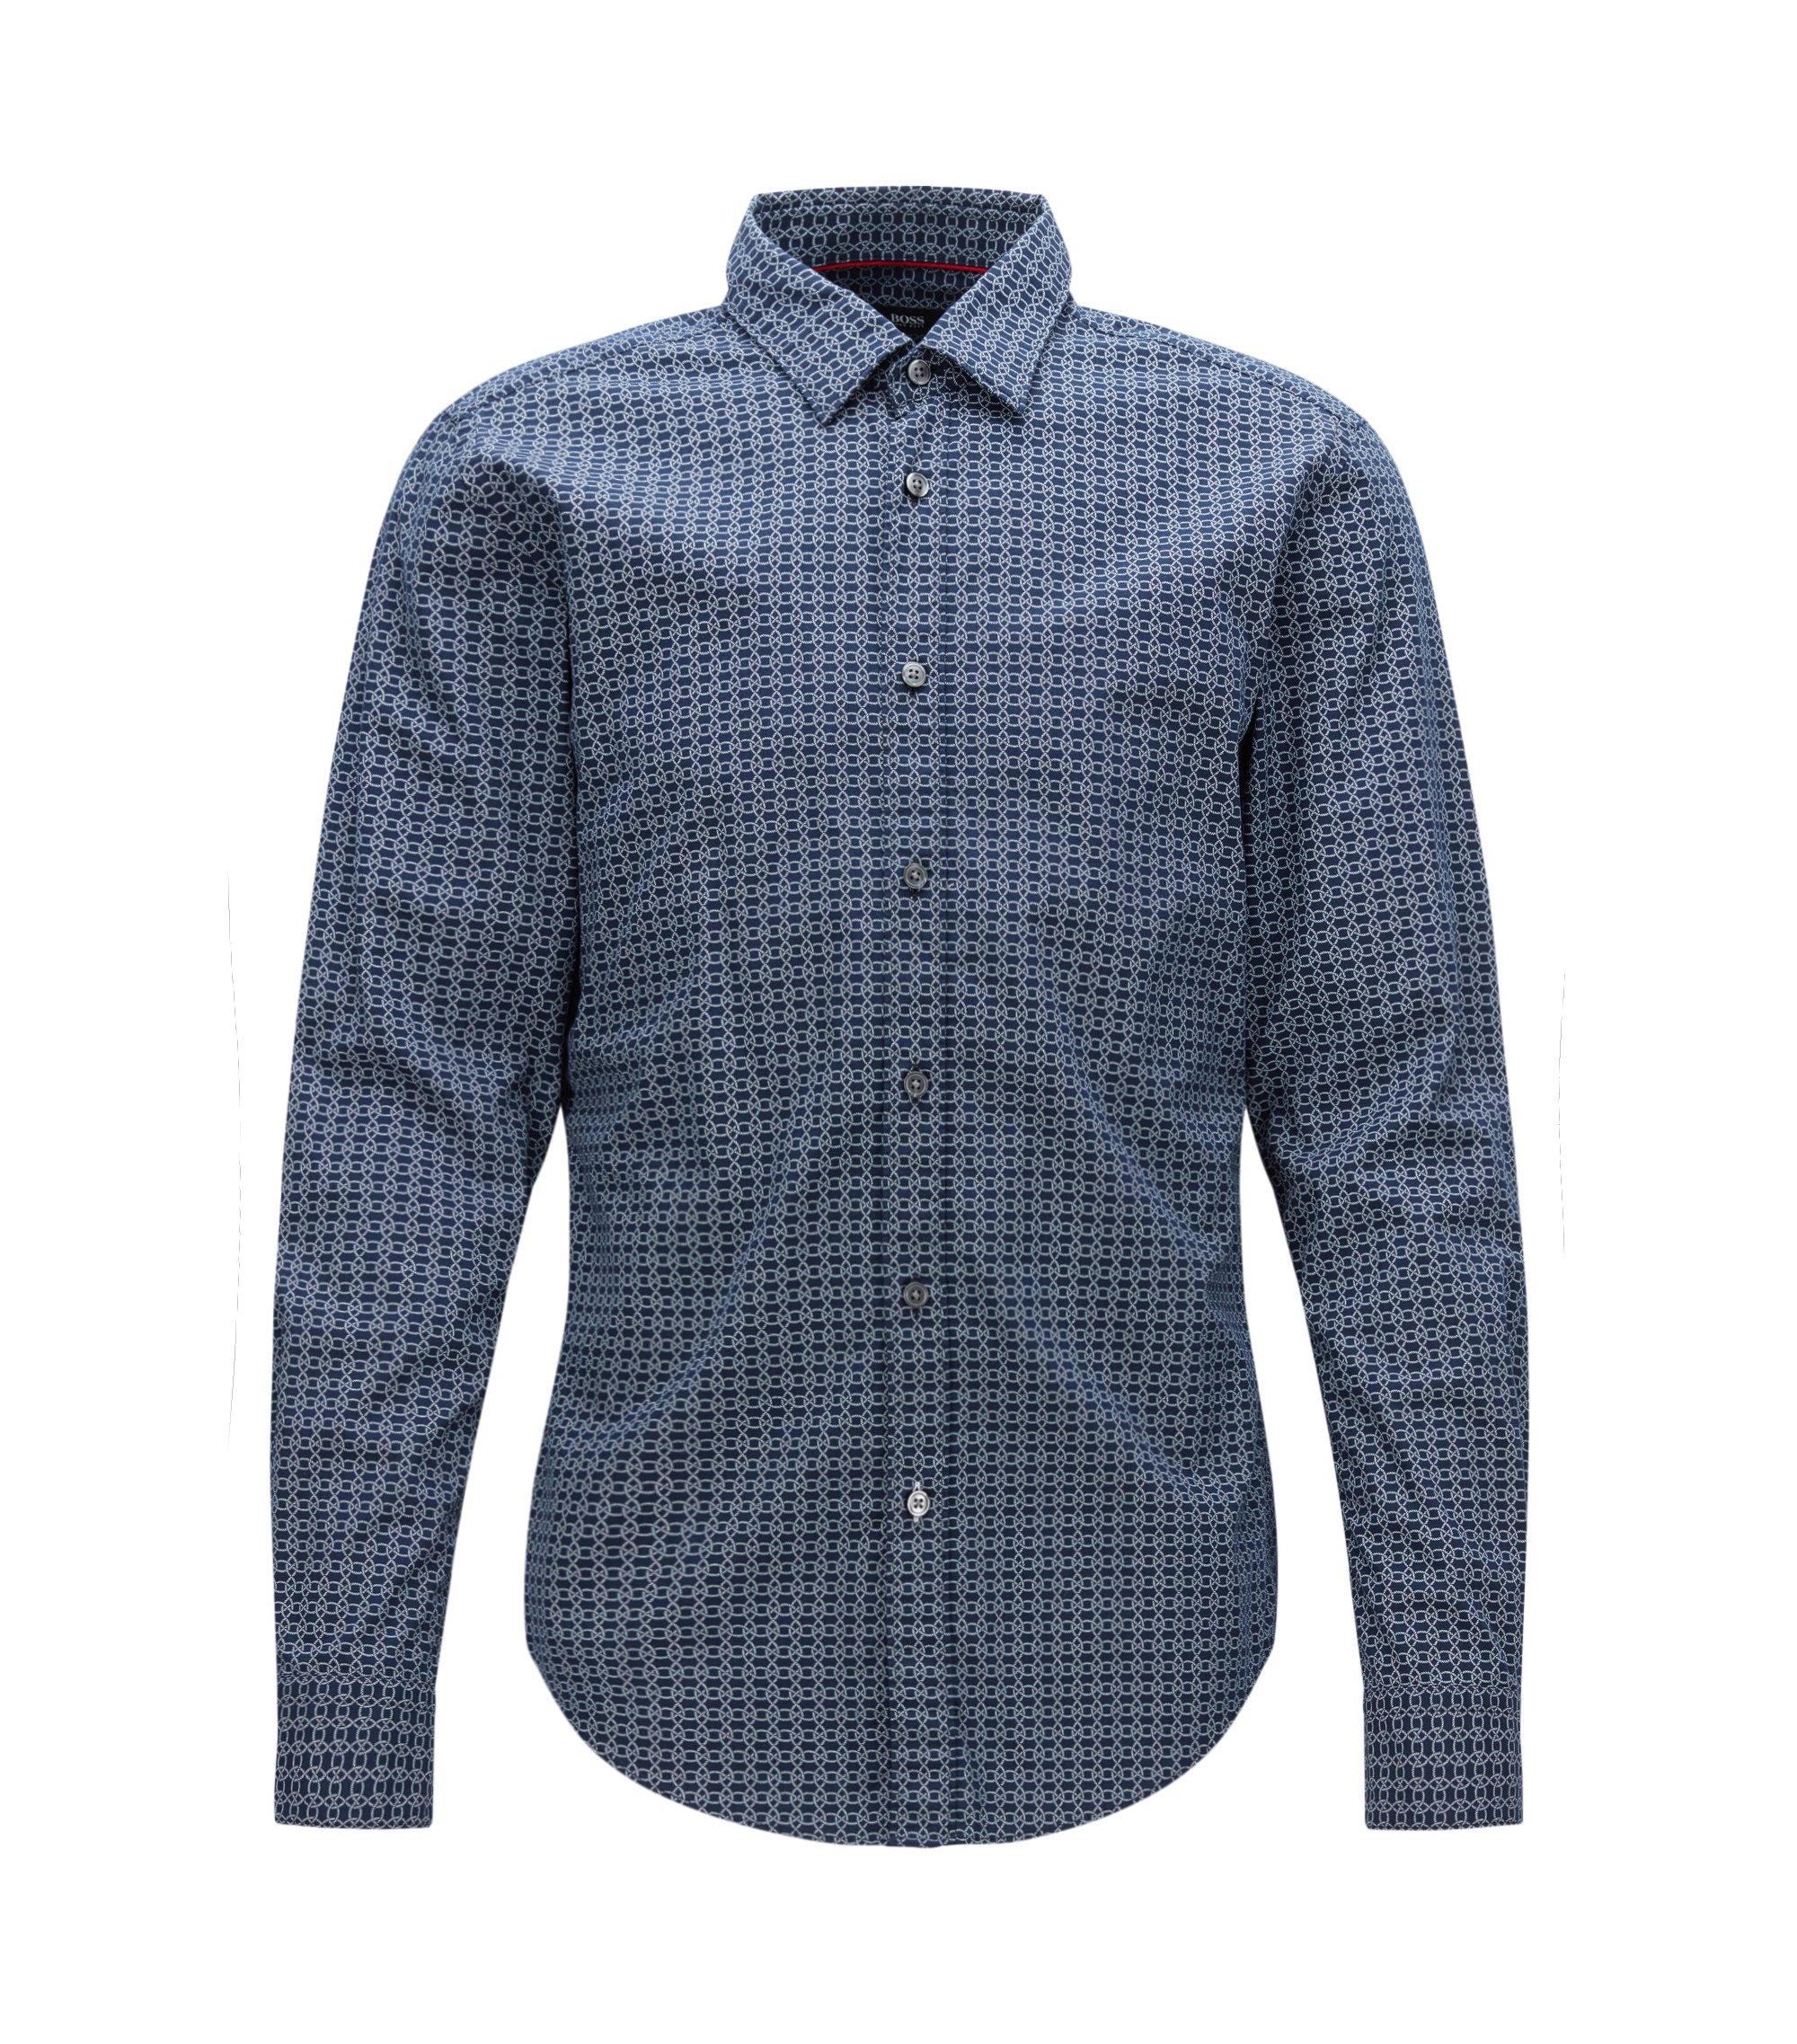 Nautical Cotton Button Down Shirt, Slim Fit | Ronni, Dark Blue